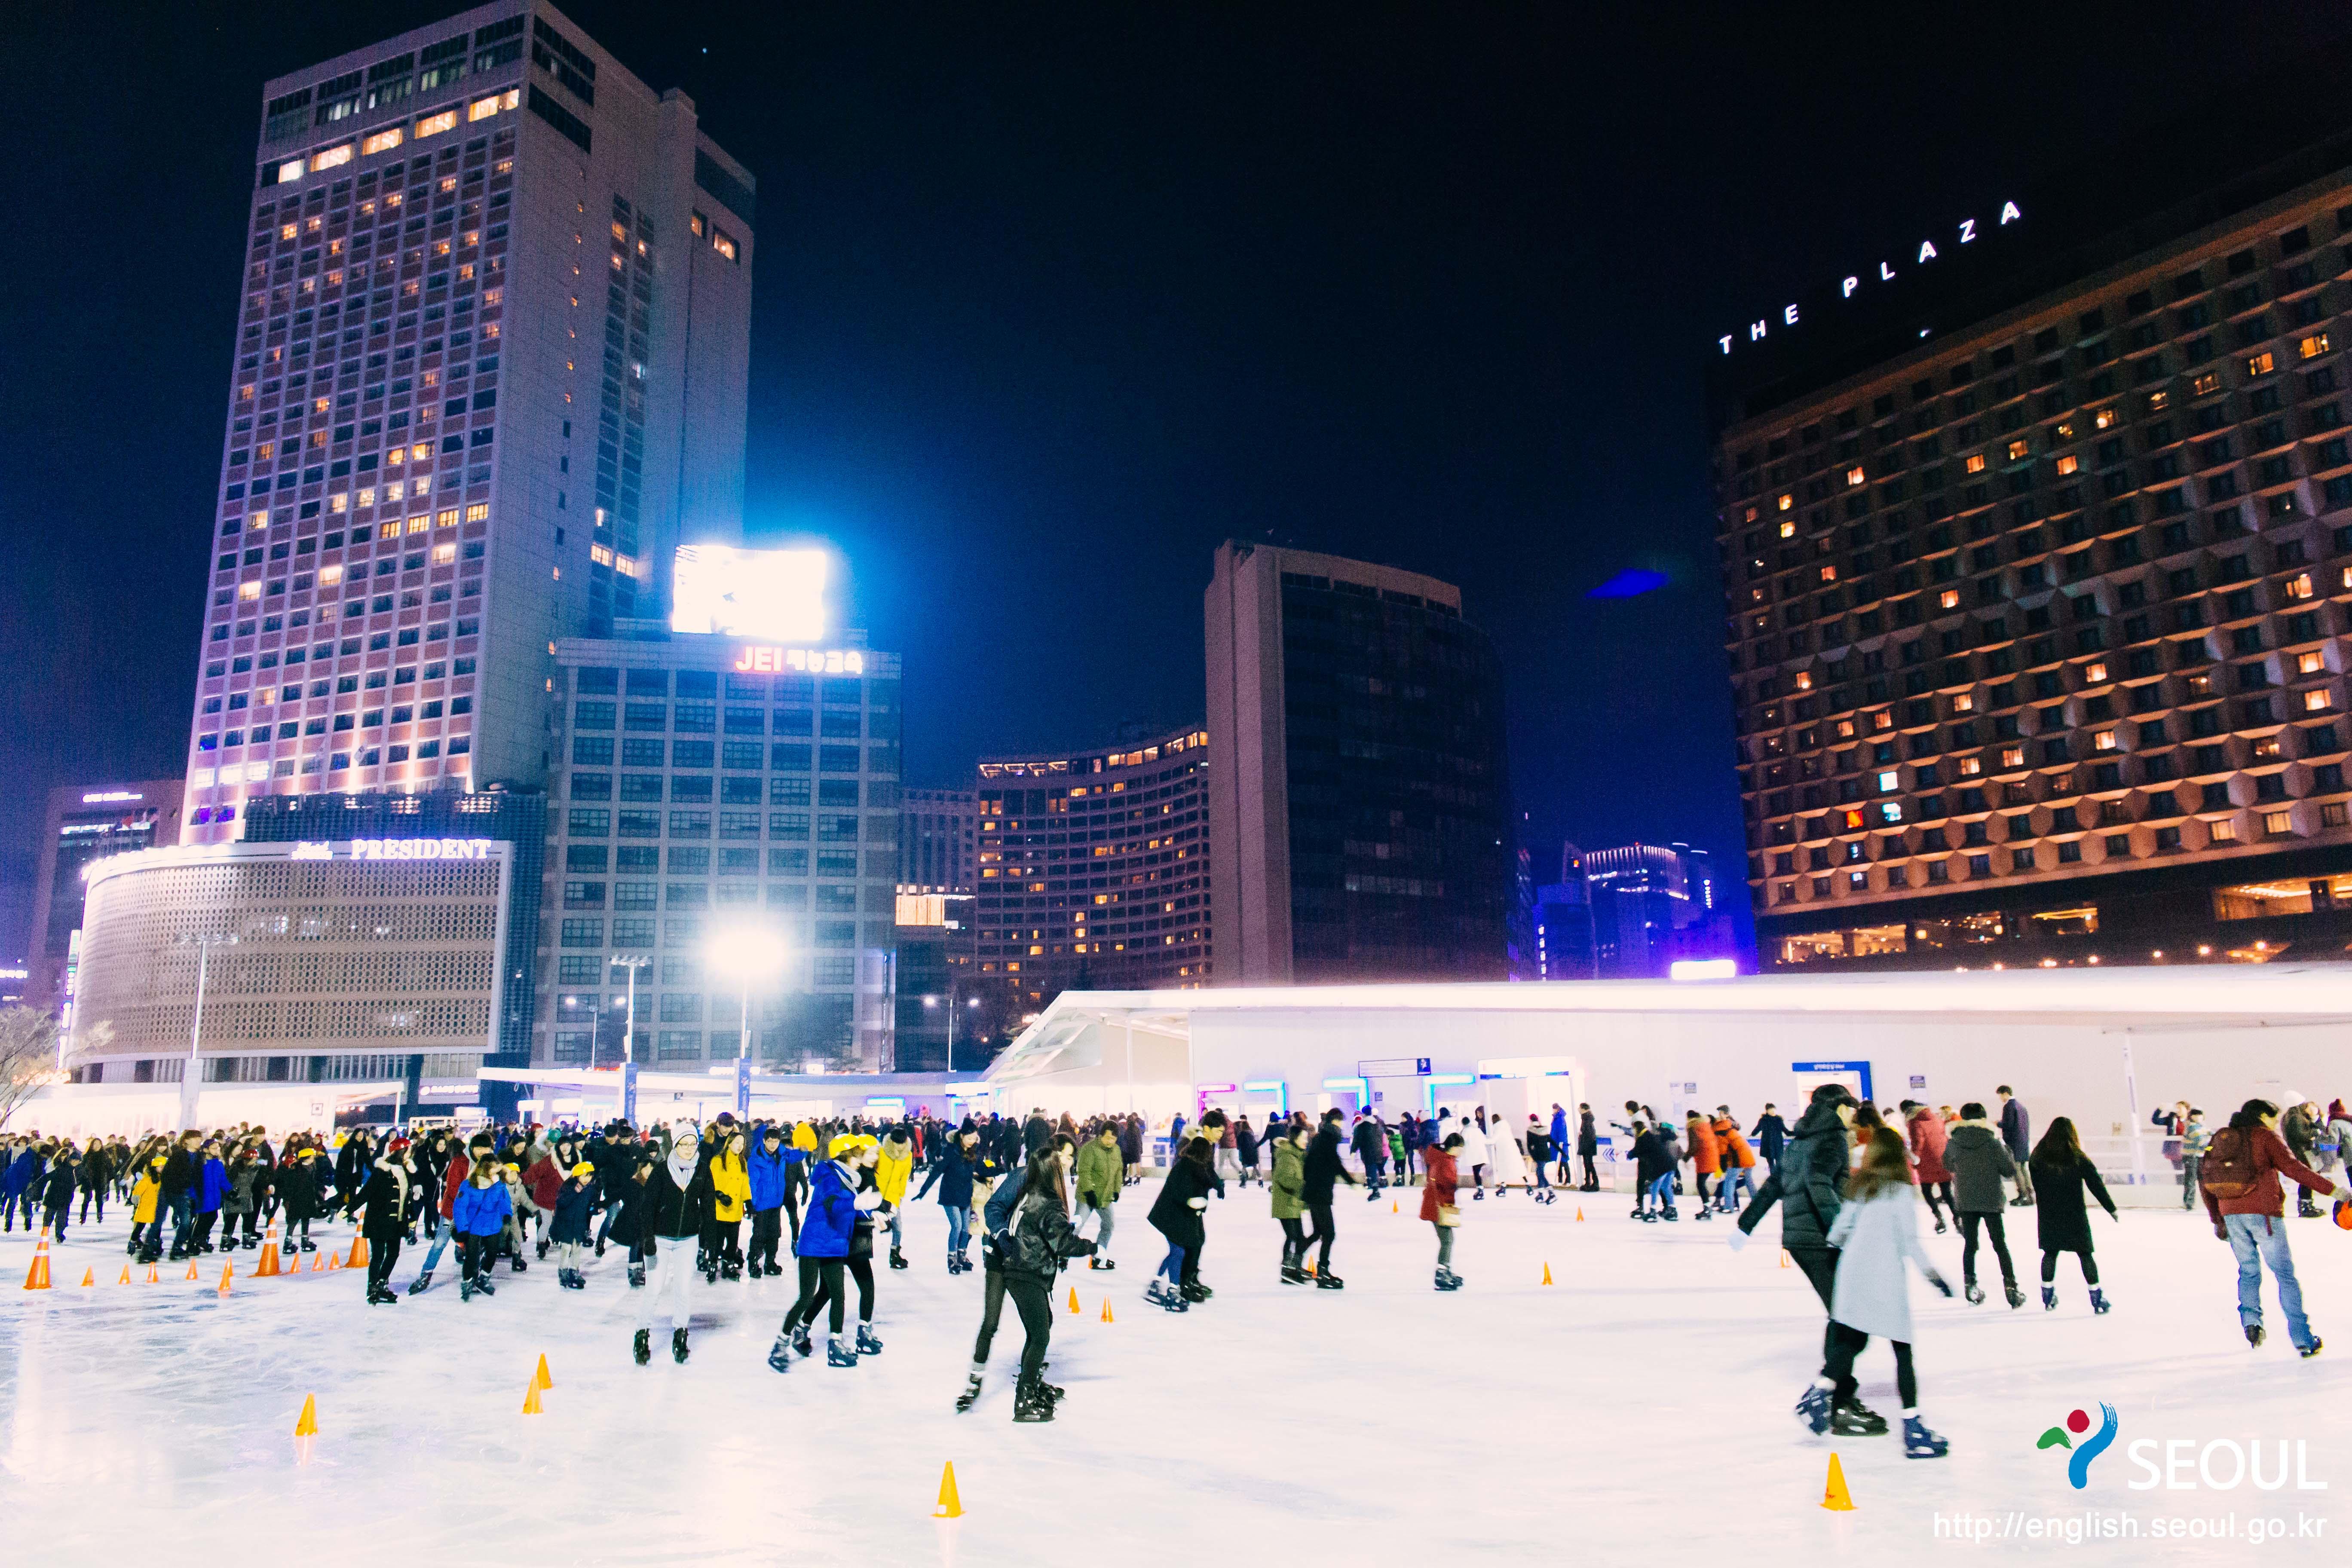 스케이트4